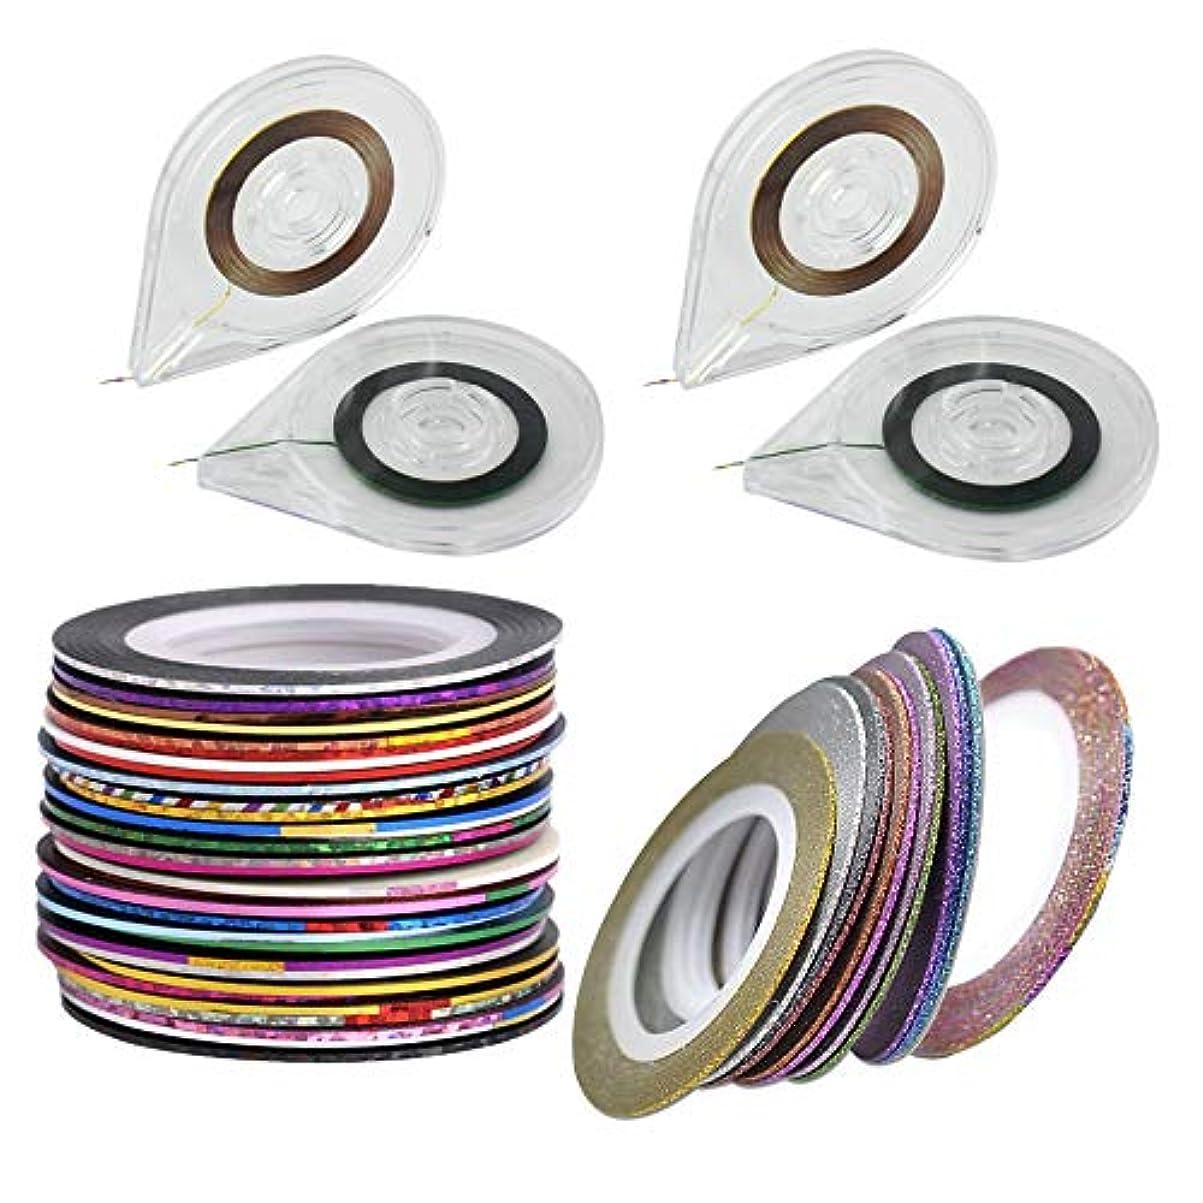 蒸気リンス反発Kingsie ネイルアート用 ラインテープ 40色 幅1mm 専用ケース4個付き ラインアートテープ レーザーラインテープ ジェルネイル ネイルパーツ デコパーツ